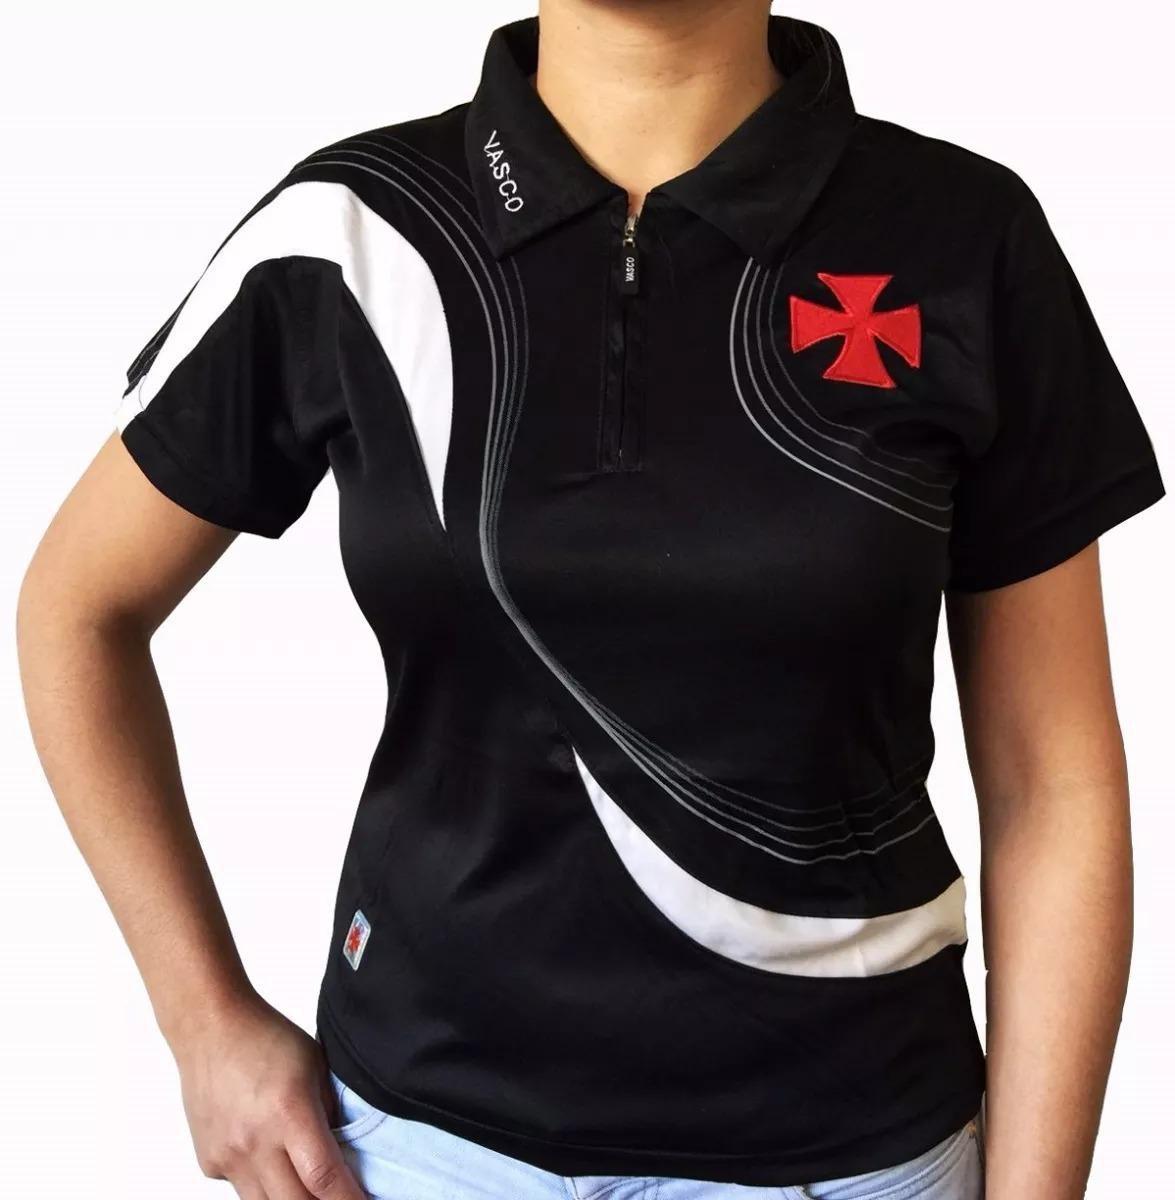 15db36a8b Camisa Polo Do Vasco Feminina Baby Look Oficial - R$ 49,98 em ...